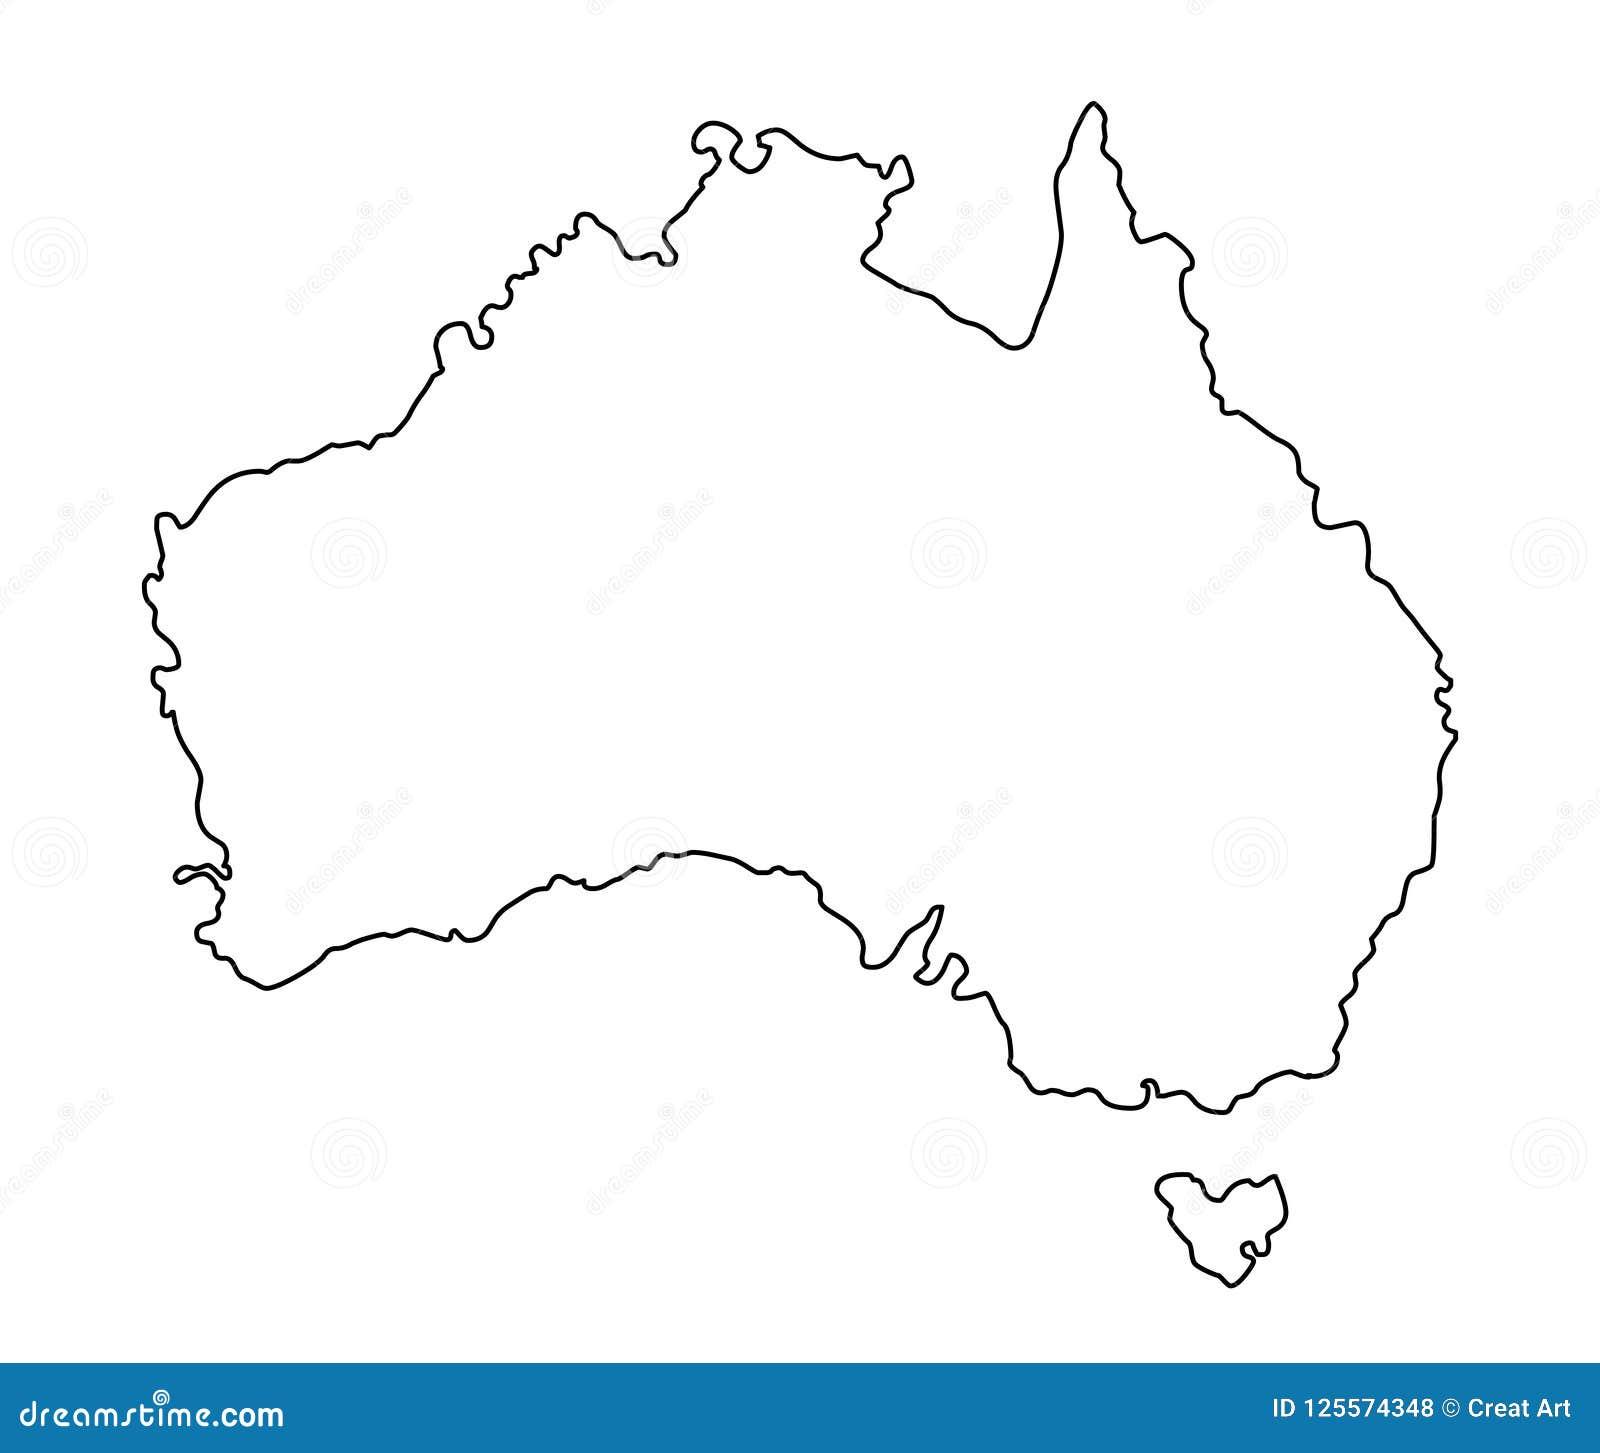 Outline Map Of Australia.Australia Outline Map Vector Illustration Stock Vector